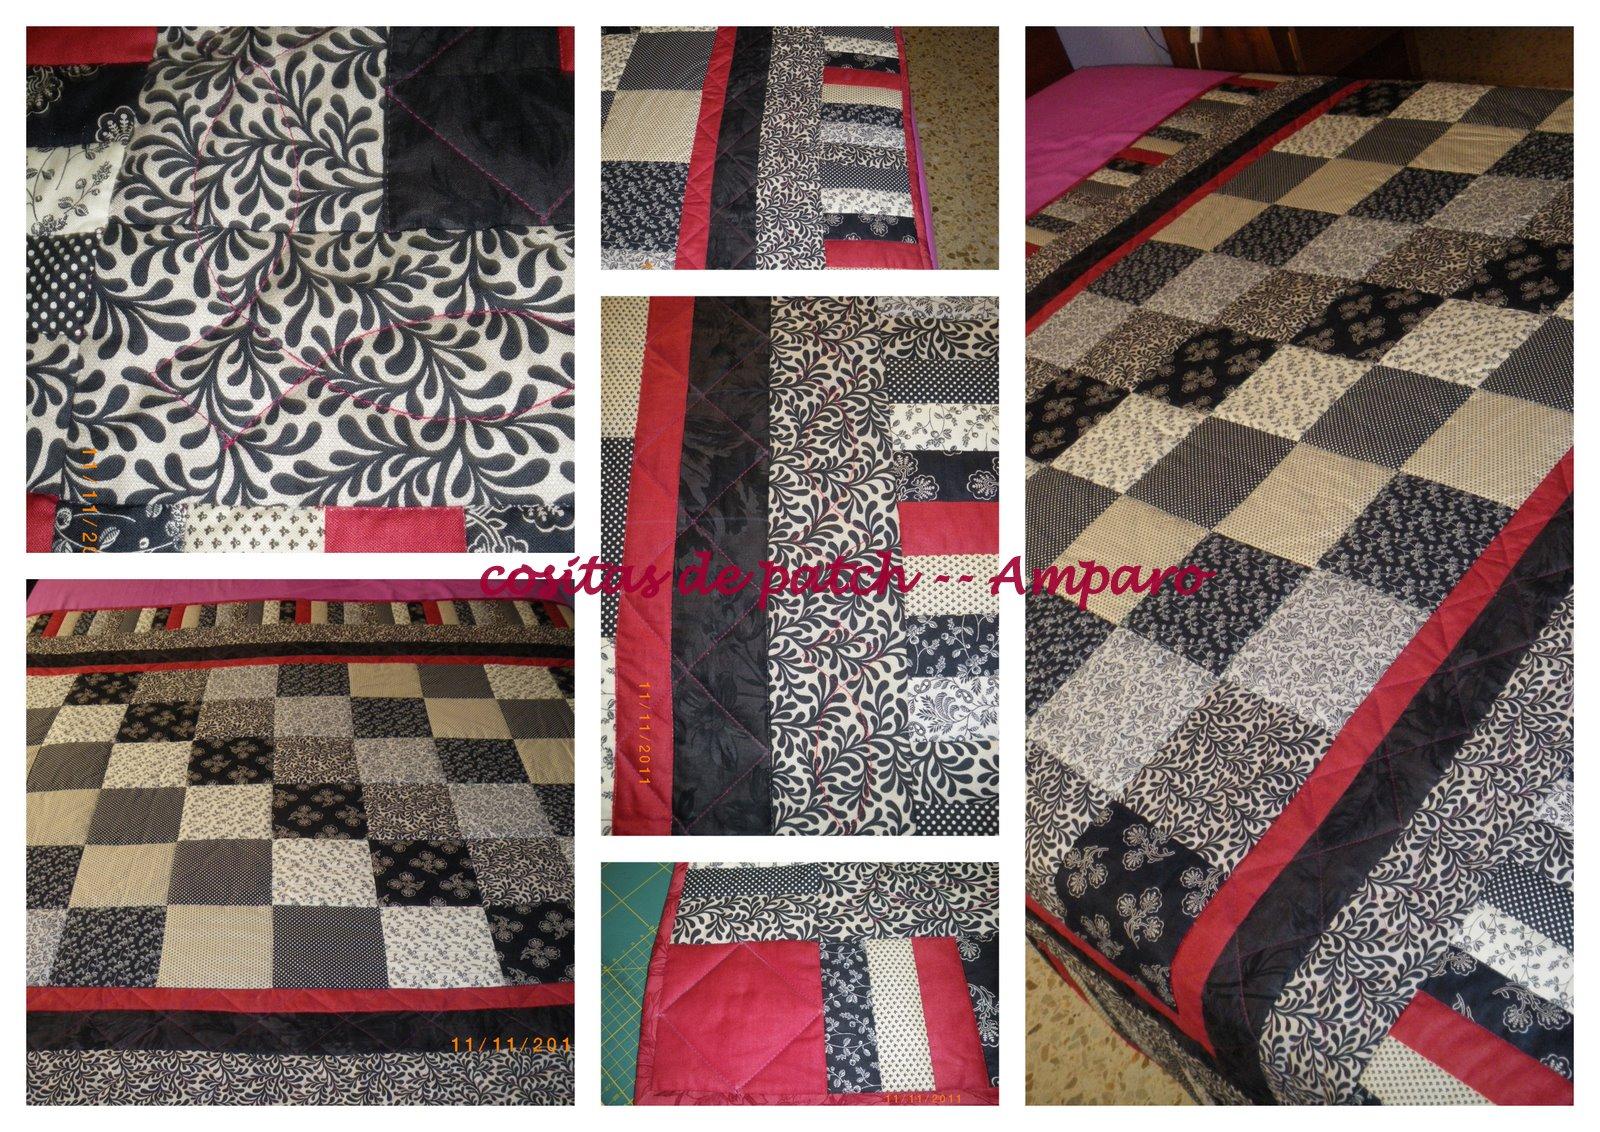 Cositas de patch cubre pies de cama for Cubrepies de cama